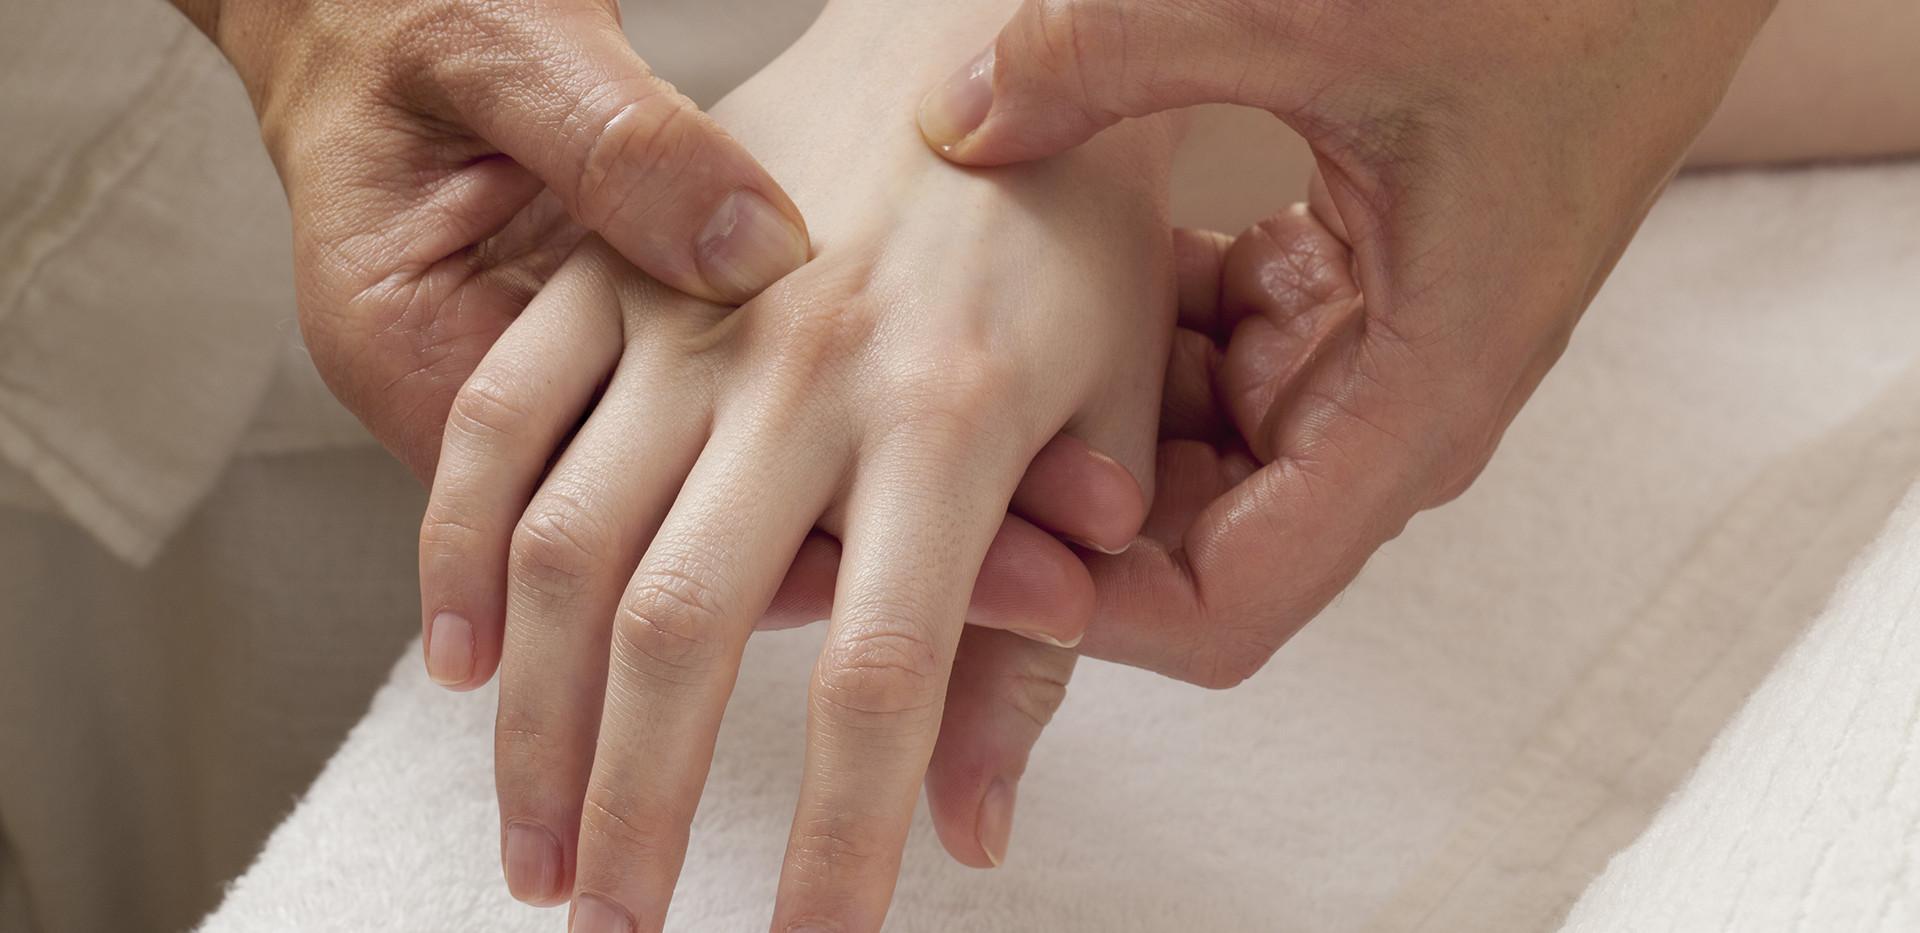 Tryckpunkt massage 2